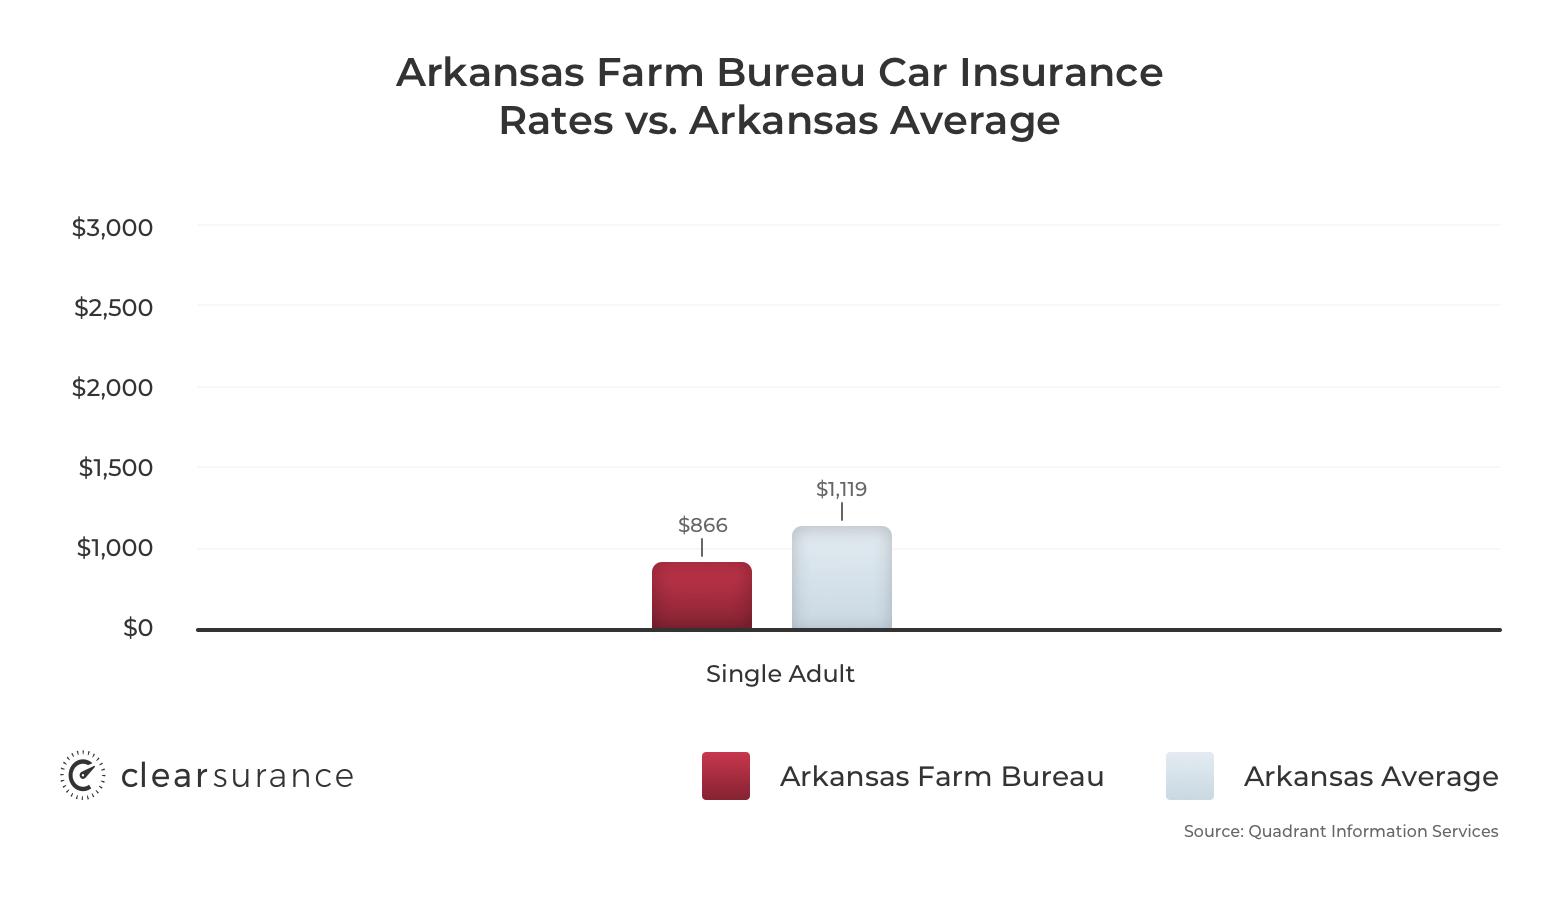 Arkansas Farm Bureau car insurance rates